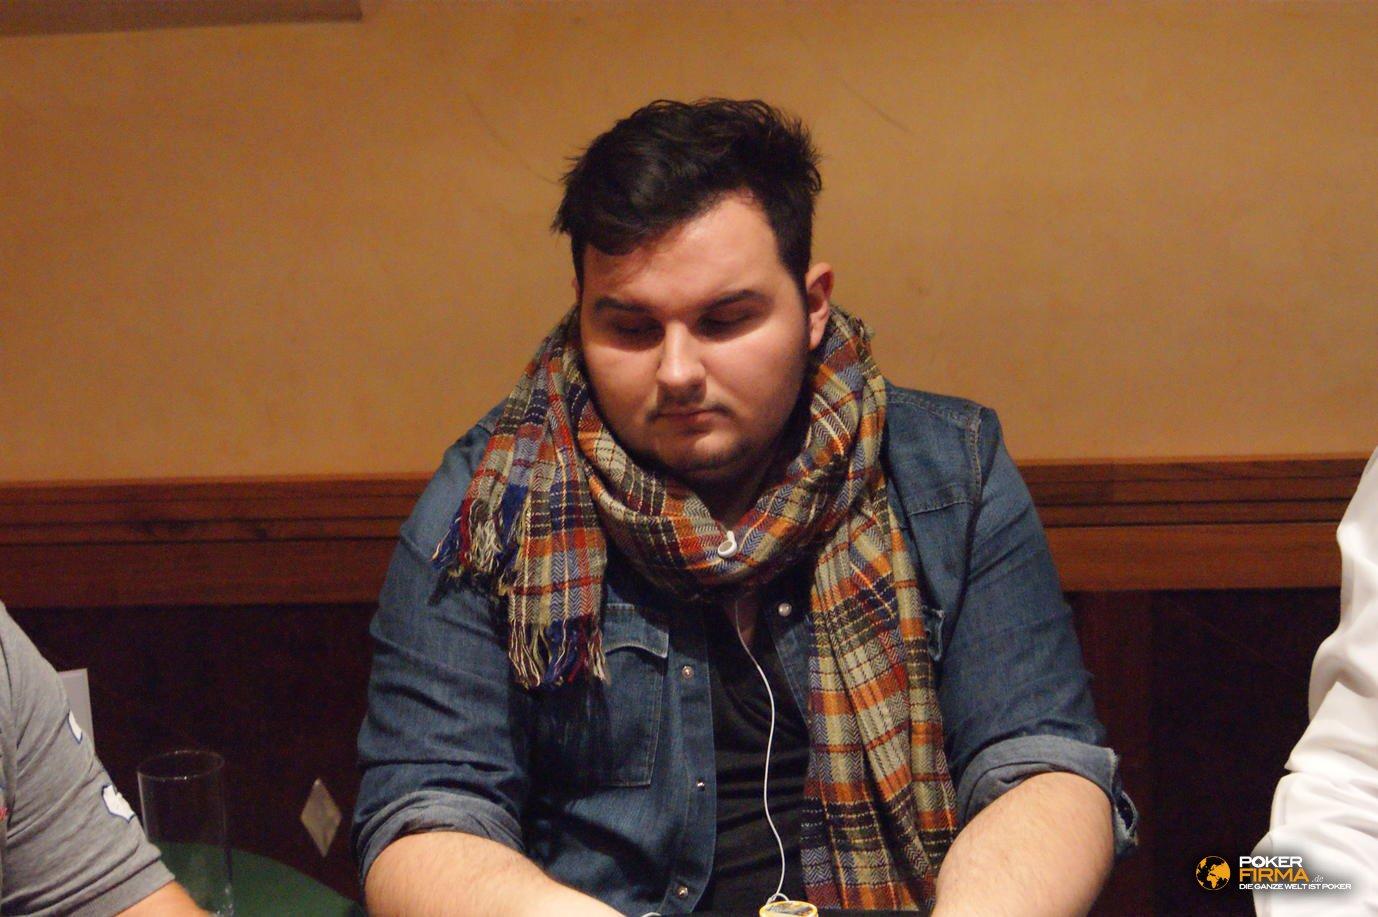 Poker_EM_2000_NLH_251011_Gregor_Derkowski